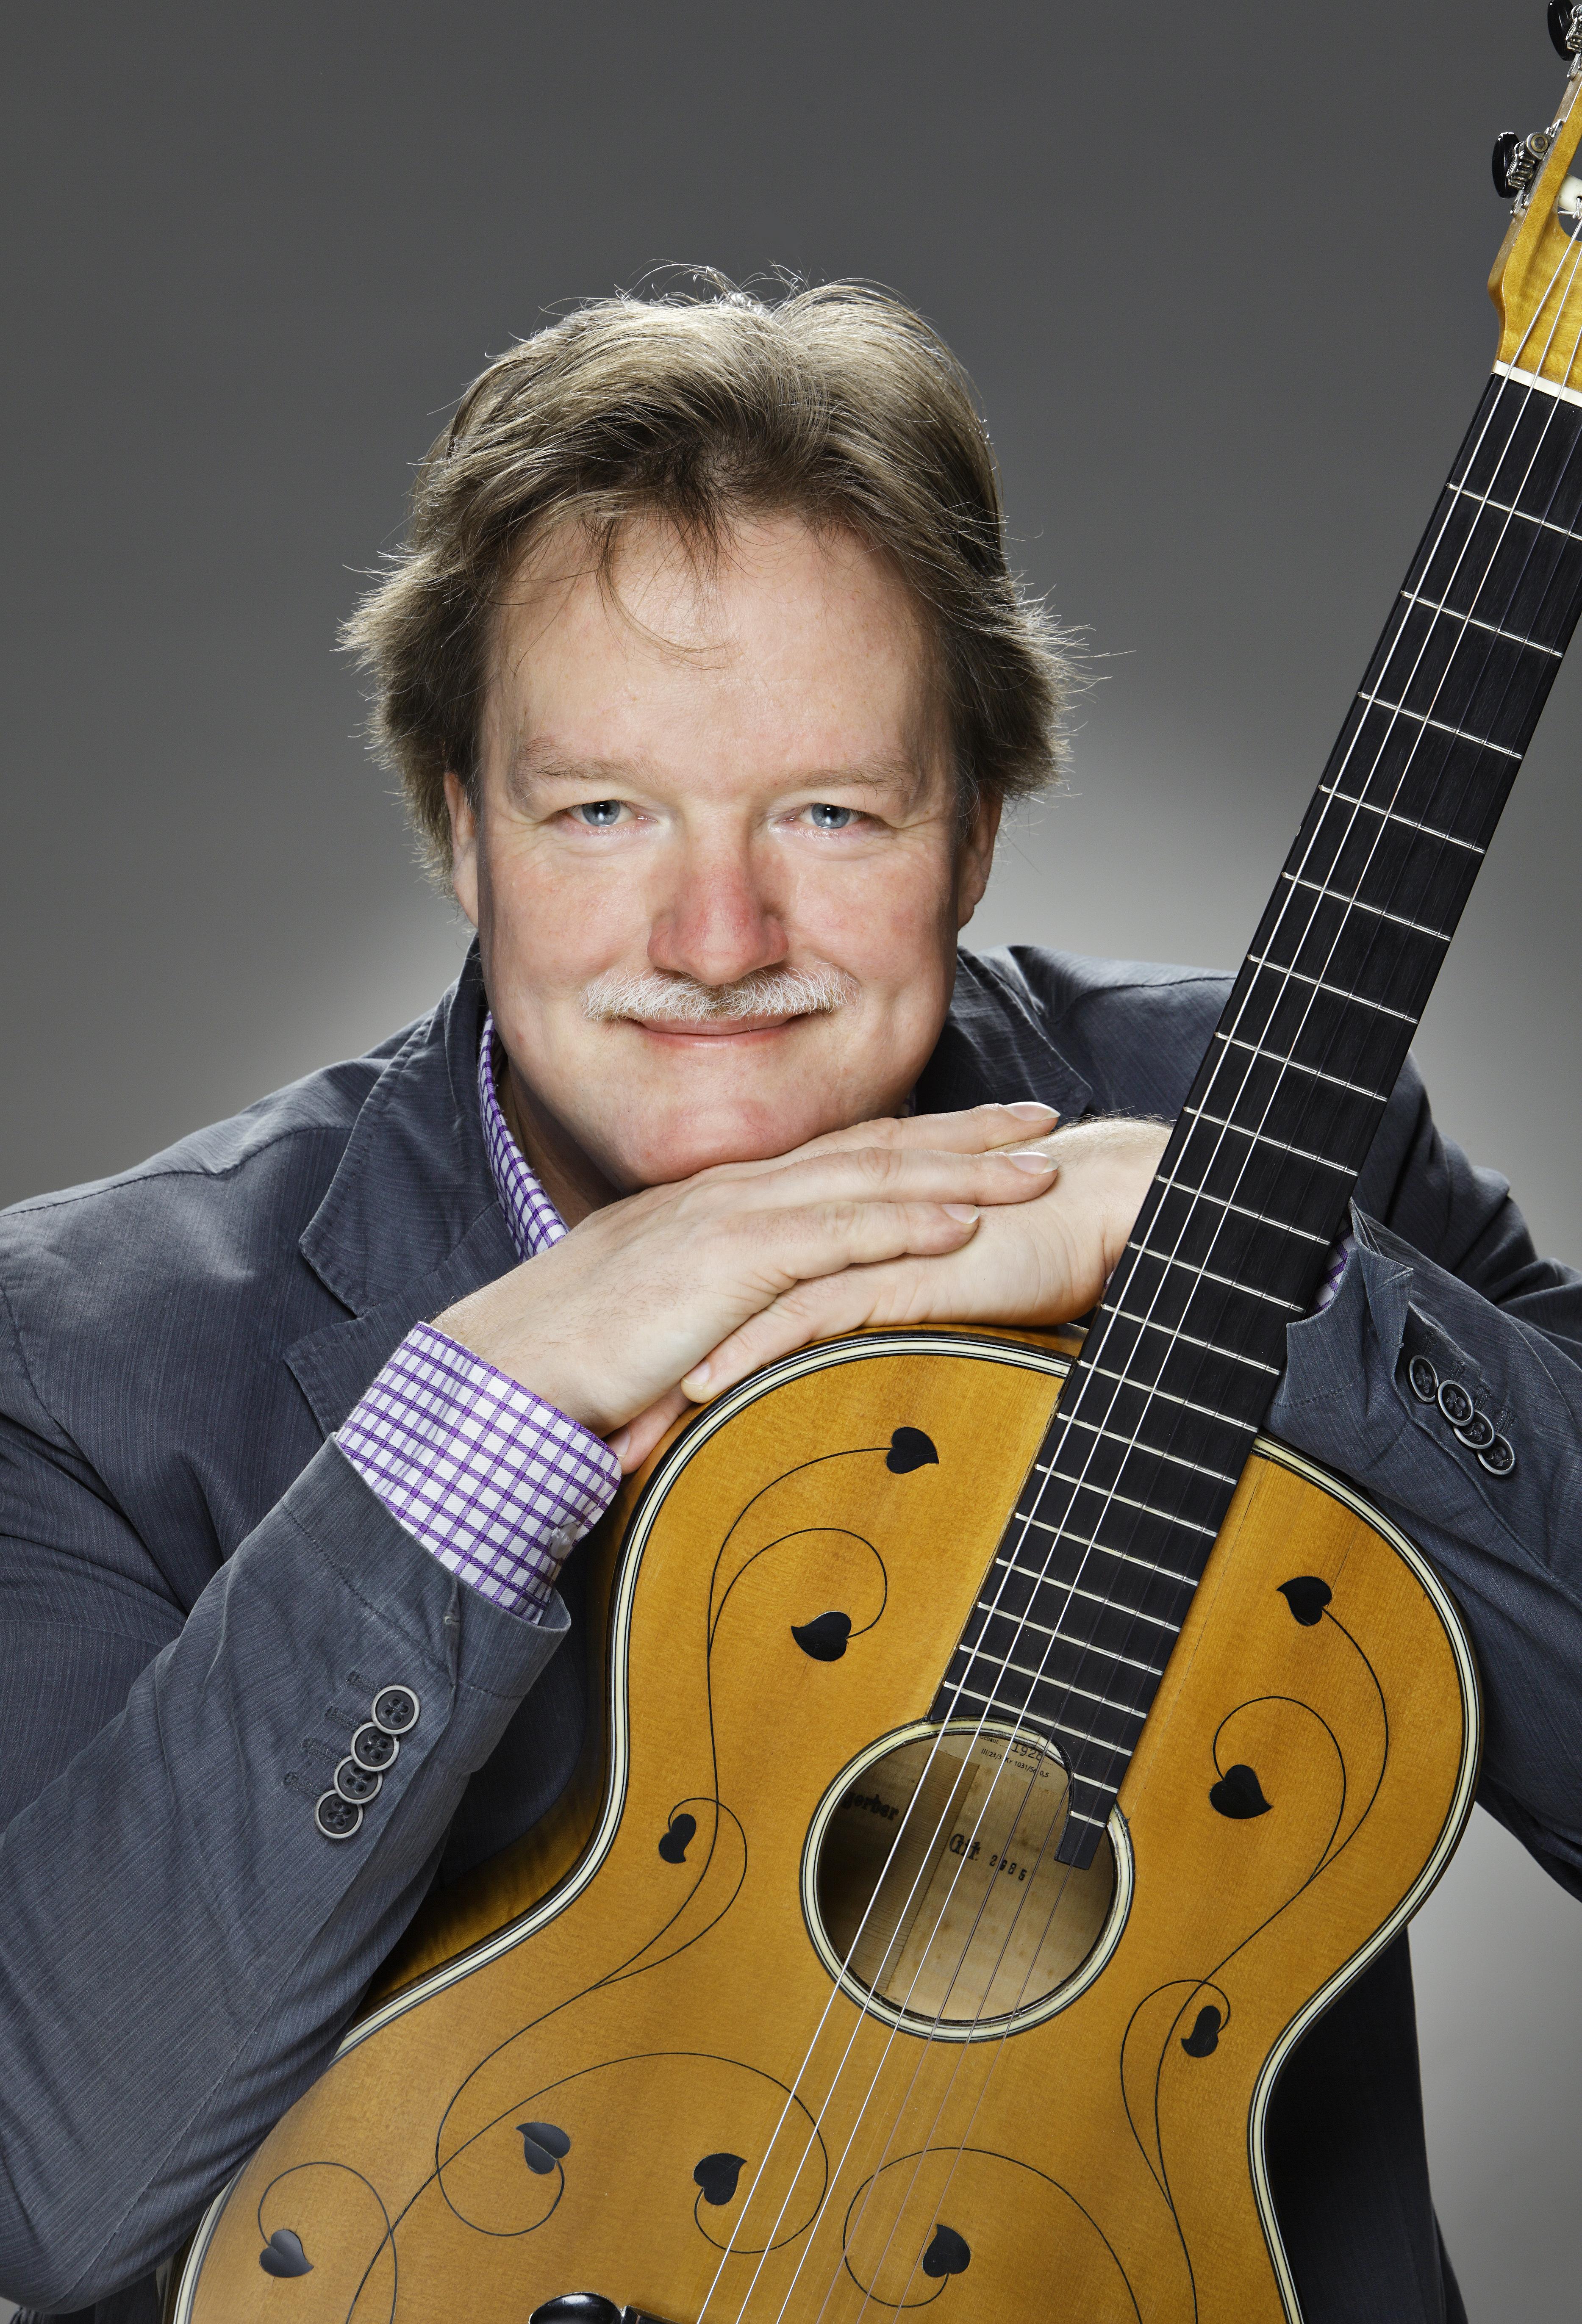 Kitaristi Timo Korhonen konsertoi Kangasala-talossa Tampere Guitar Festivalilla 2019.